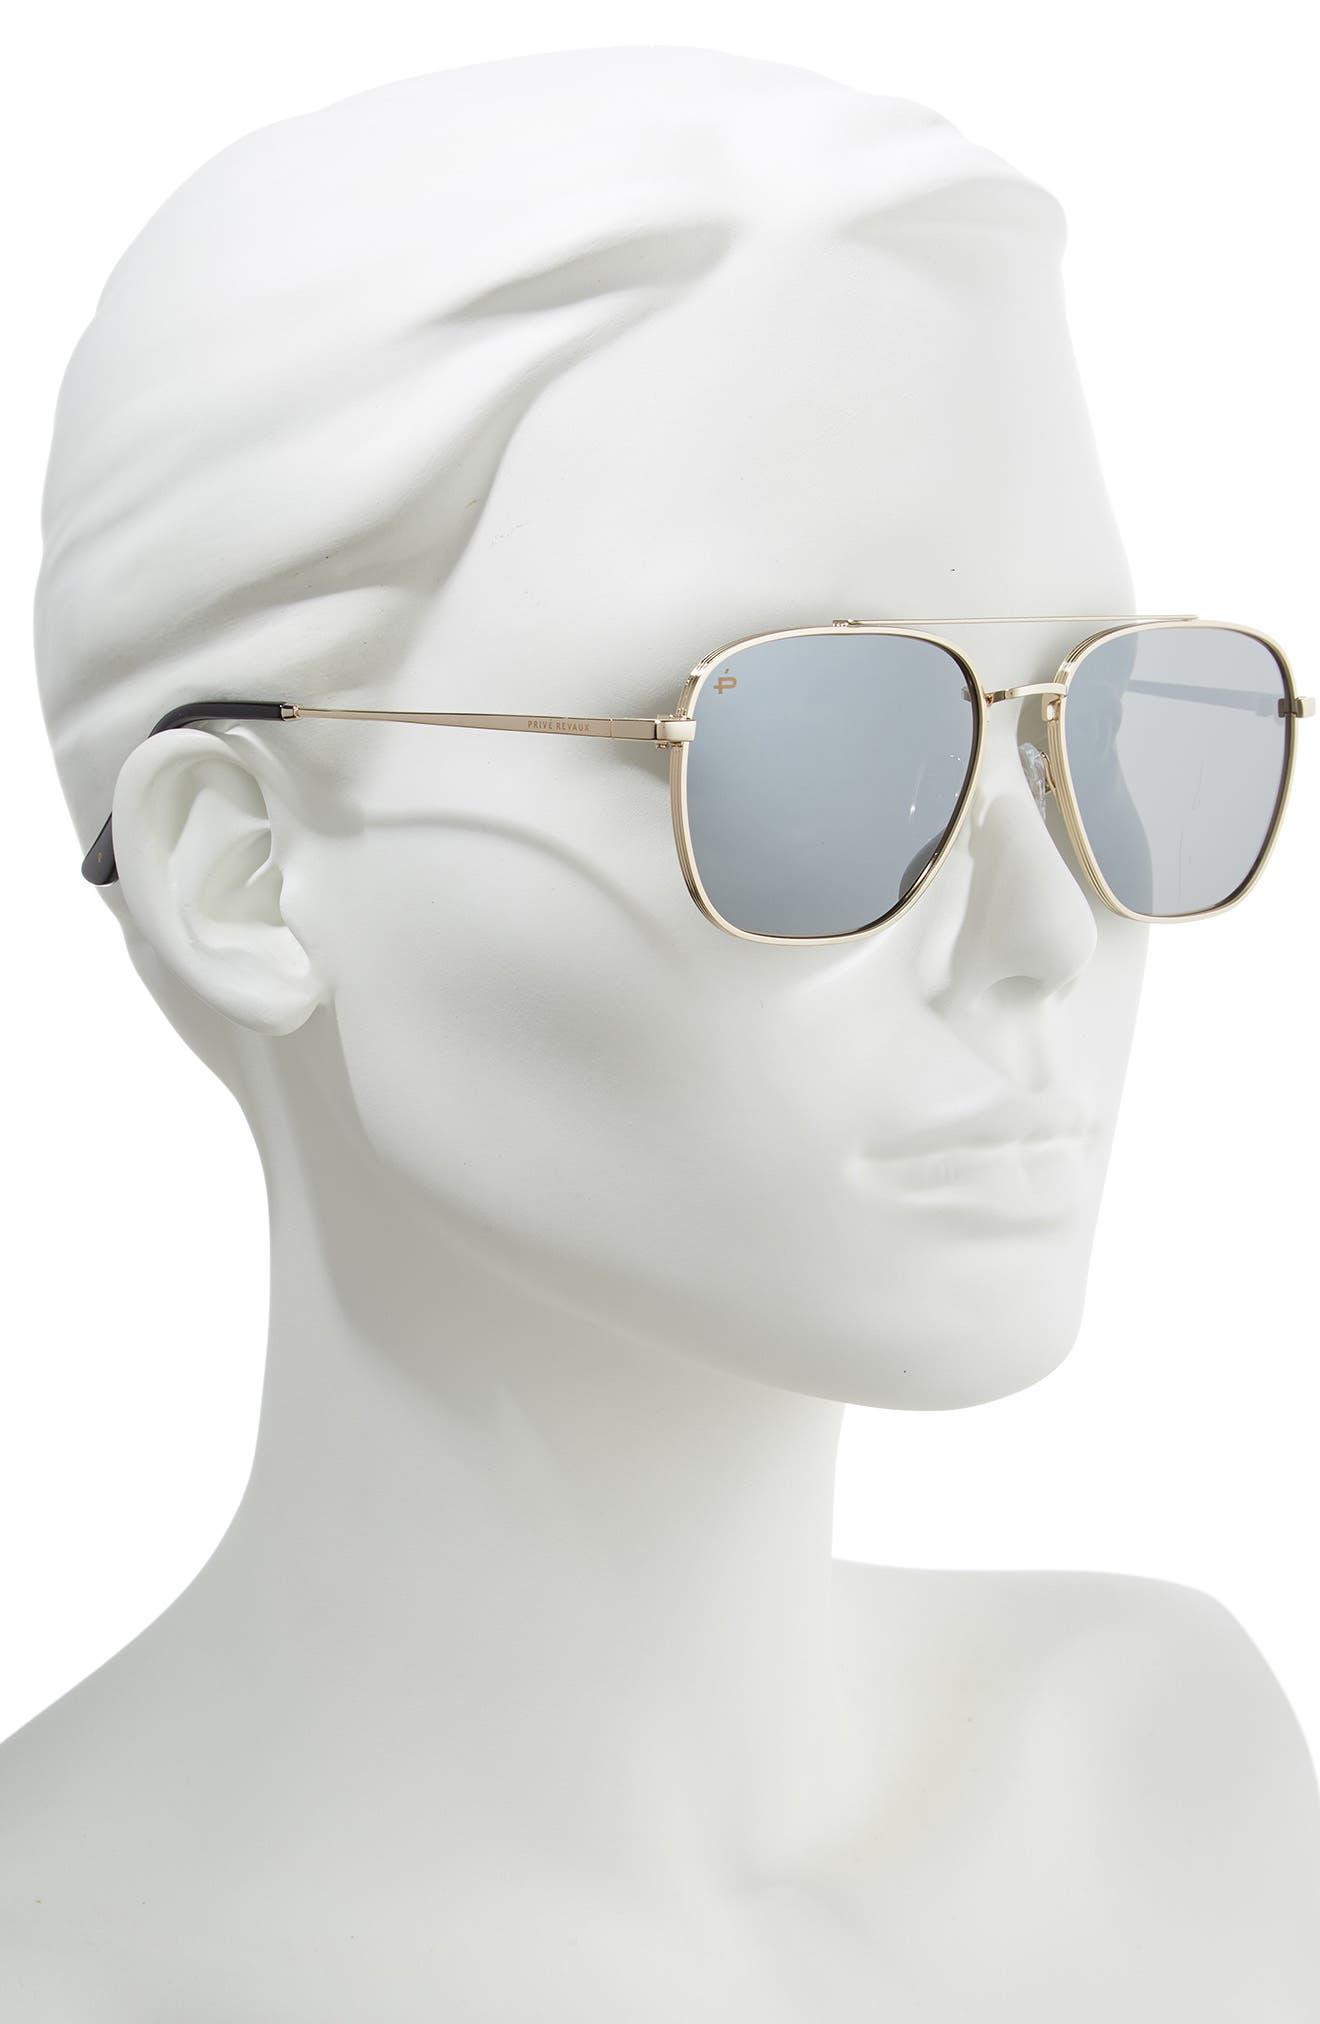 Privé Revaux The Floridian Polarized 57mm Sunglasses,                             Alternate thumbnail 2, color,